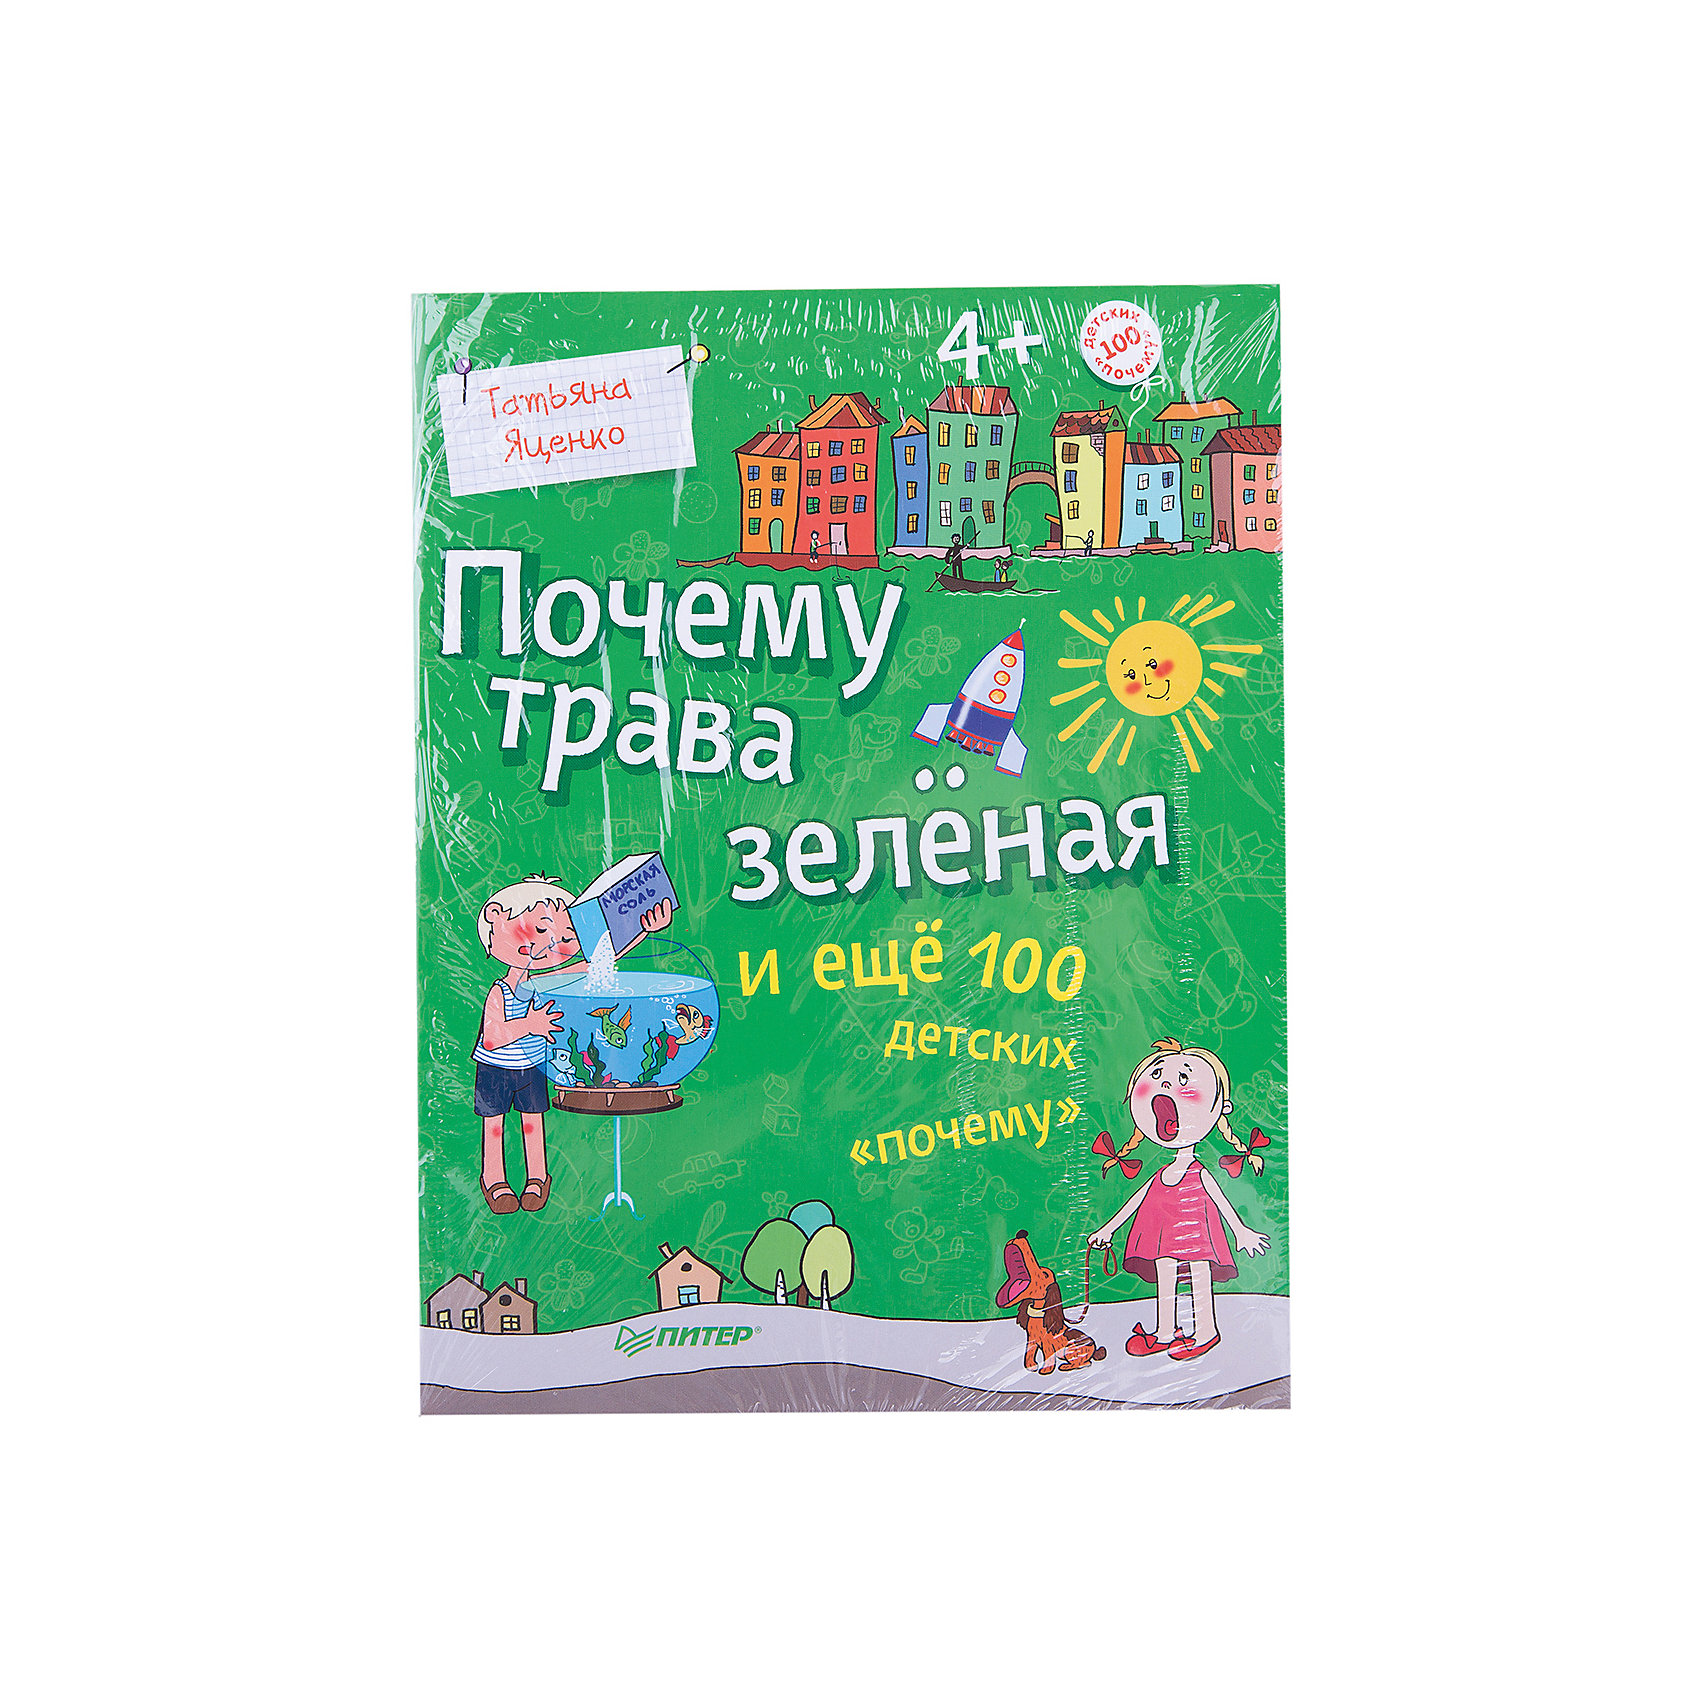 Почему трава зелёная и ещё 100 детских «почему»У маленького ребенка в голове вертится тысяча вопросов каждую минуту. Родители не могут ответить на все и рассказать малышу, как утроен мир на самом деле. А у ребенка зачастую появляются вопросы, которые поставят в тупик даже самого мудрого старца. Книга «Почему трава зелёная и ещё 100 детских «почему»» утолит интеллектуальный голод ребенка и сделает мир для малыша чуточку понятнее. Сборник будет интересен не только маленьким детям, но и их родителям.   Книга развивает грамотное становление речи, мелкую моторику и мышление, а так же практикует творческие навыки.<br><br>Дополнительная информация:<br>страниц: 64;<br>формат:  205 х 260 мм.<br><br>Книгу «Почему трава зелёная и ещё 100 детских «почему»» можно купить в нашем магазине.<br><br>Ширина мм: 252<br>Глубина мм: 195<br>Высота мм: 3<br>Вес г: 336<br>Возраст от месяцев: -2147483648<br>Возраст до месяцев: 2147483647<br>Пол: Унисекс<br>Возраст: Детский<br>SKU: 4966345